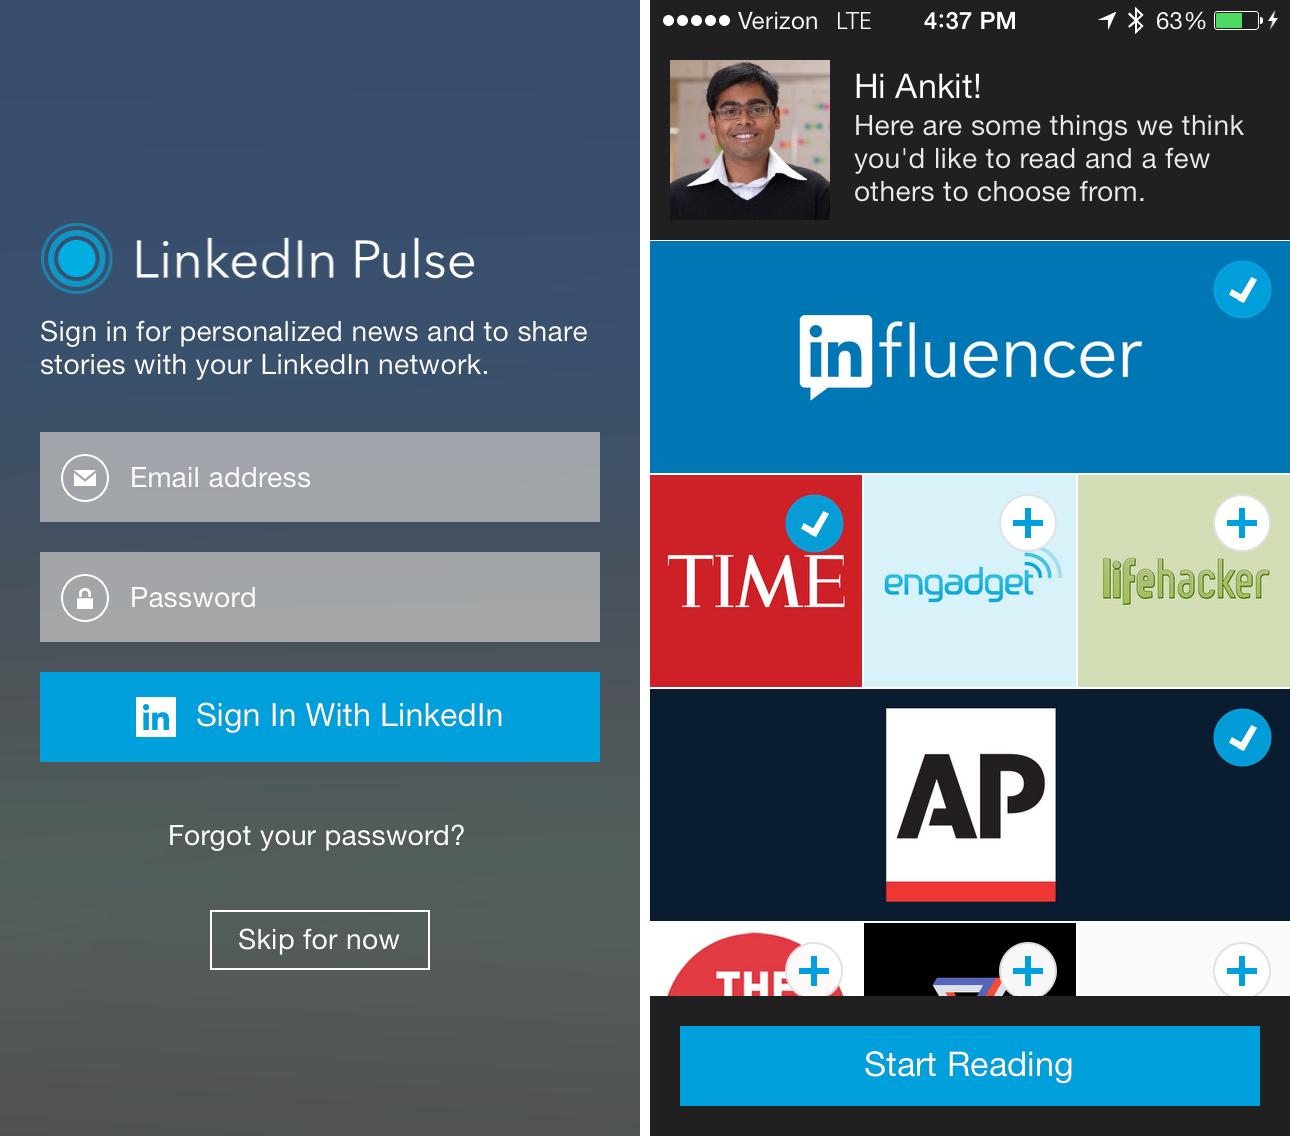 Betere nieuwservaring door vervanging van LinkedIn Today voor LinkedIn Pulse